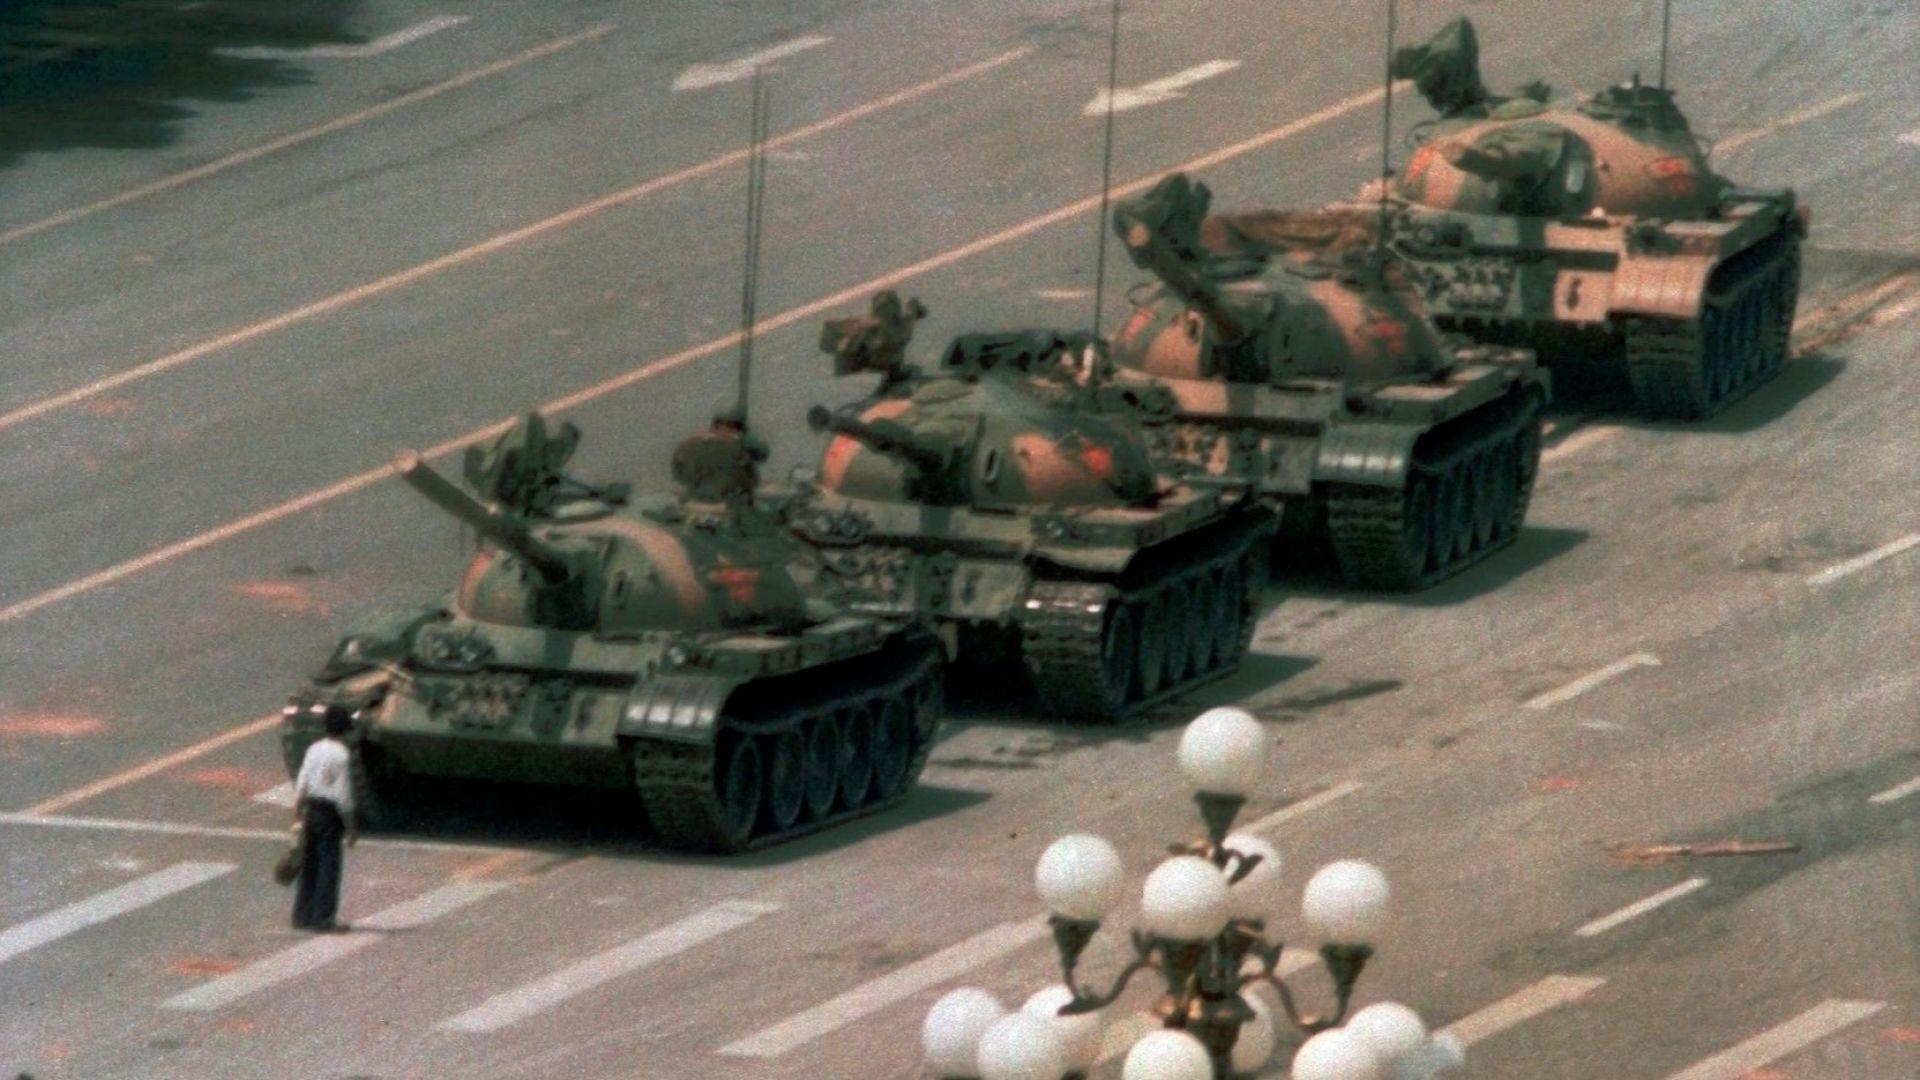 """САЩ призоваха Китай да престане да """"подкопава суверенитета"""" на съседите си"""